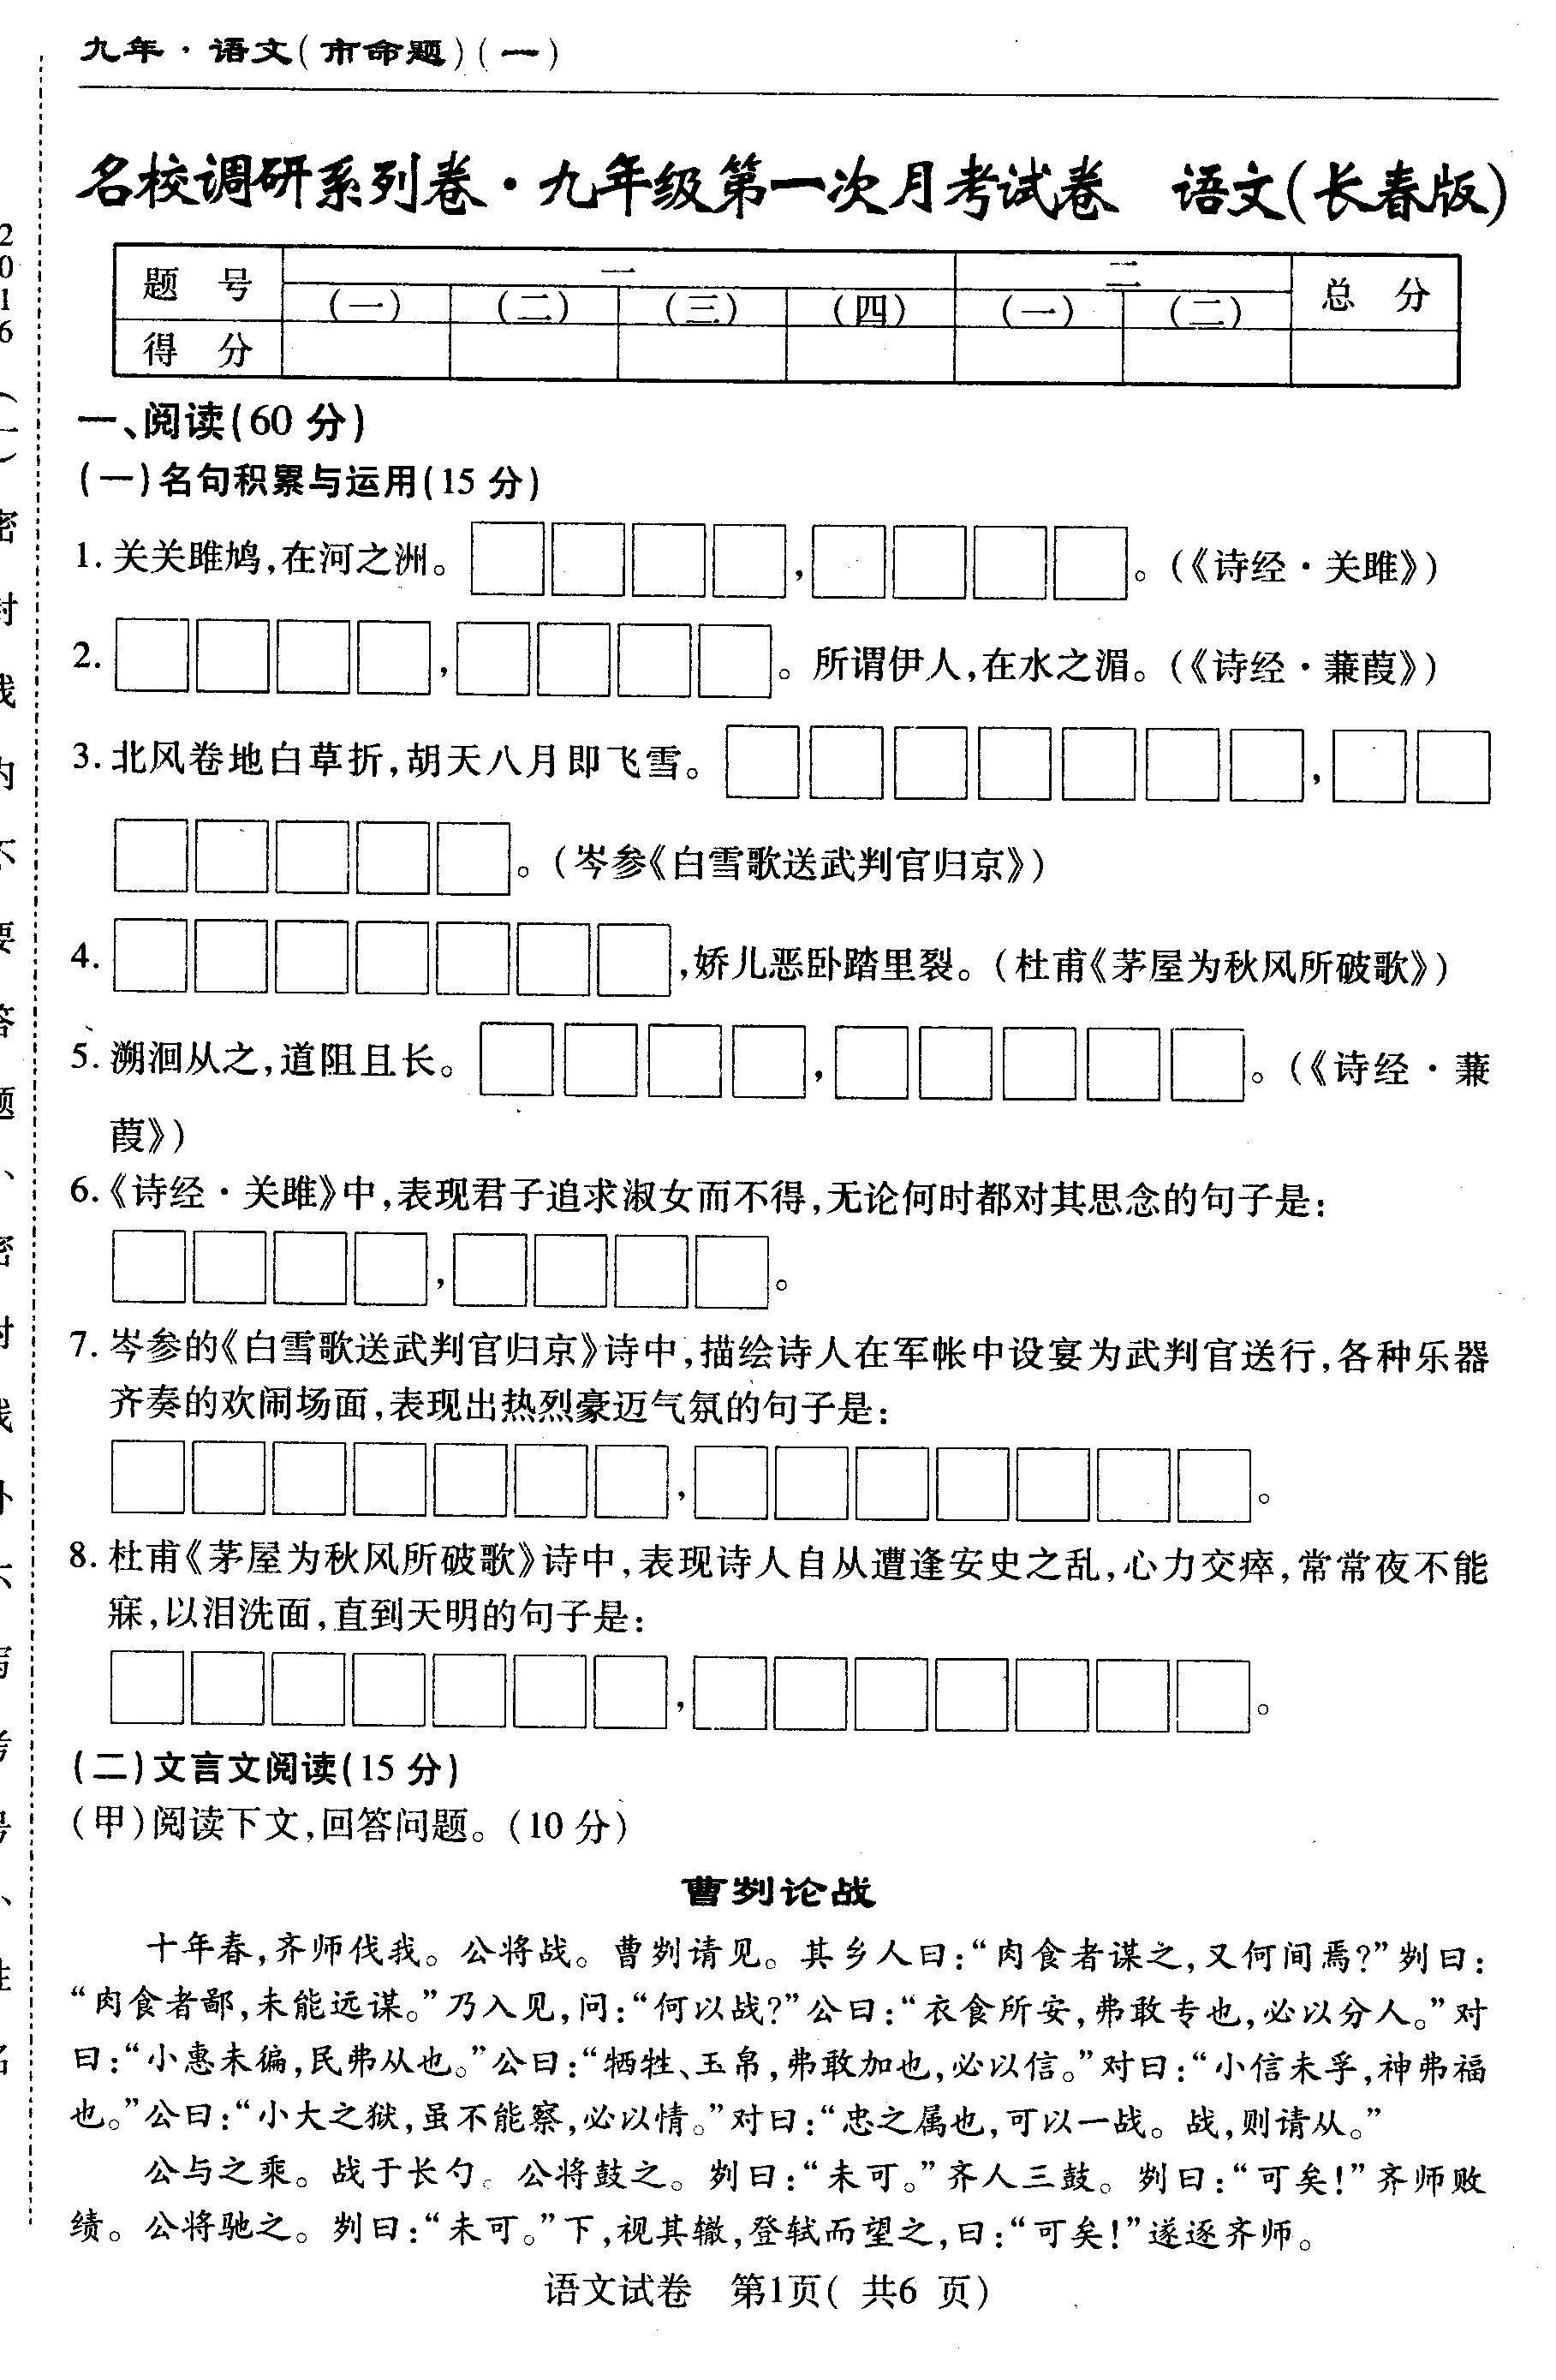 2016长春名校调研九年级第一次月考语文试题(含答案解析)